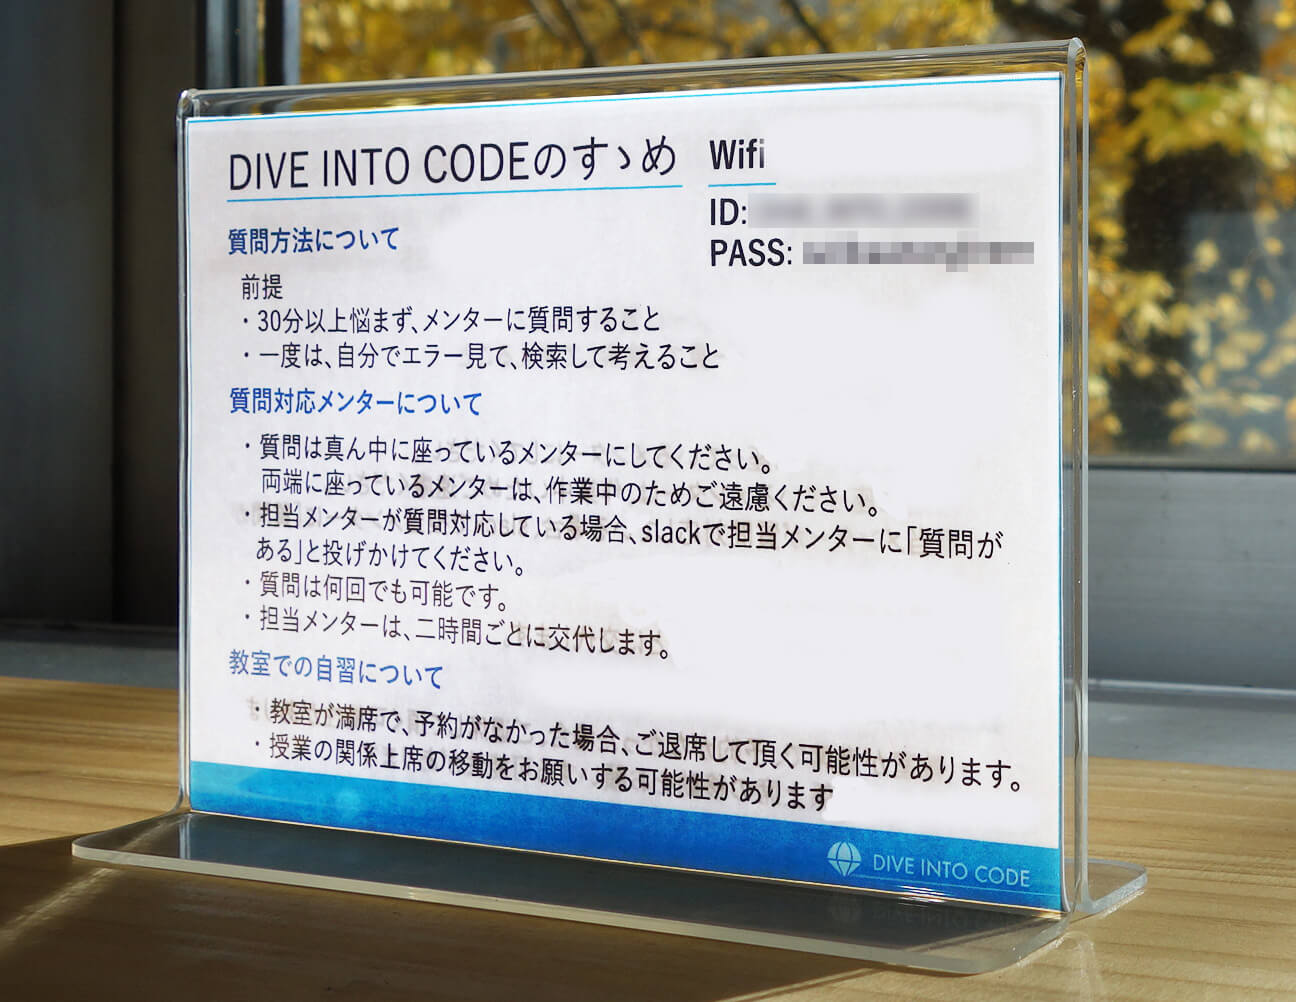 「DIVE INTO CODE 質問」の画像検索結果